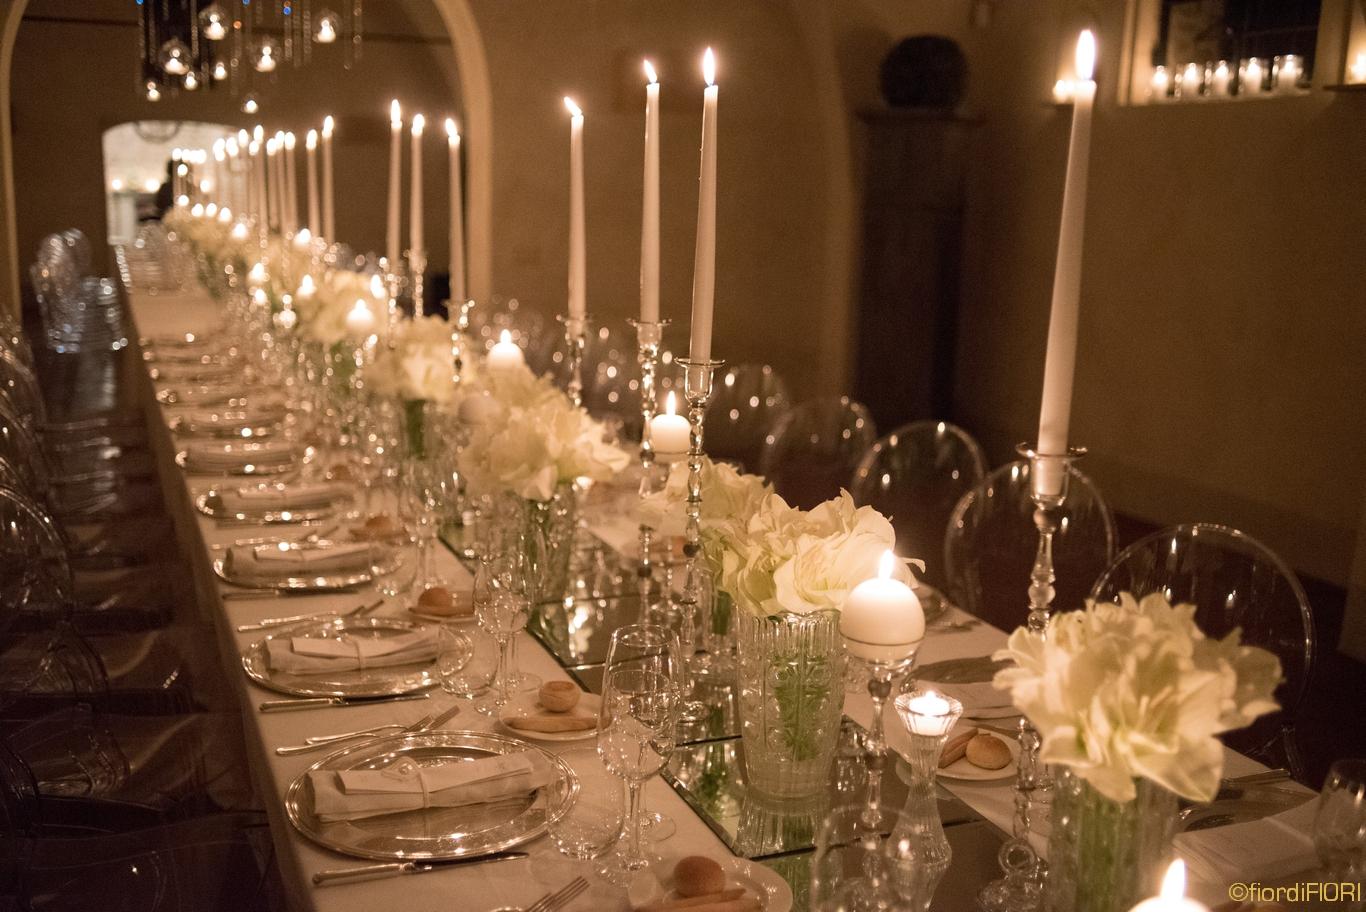 Fiordifiori matrimonio al convento for Addobbi tavoli matrimonio con candele